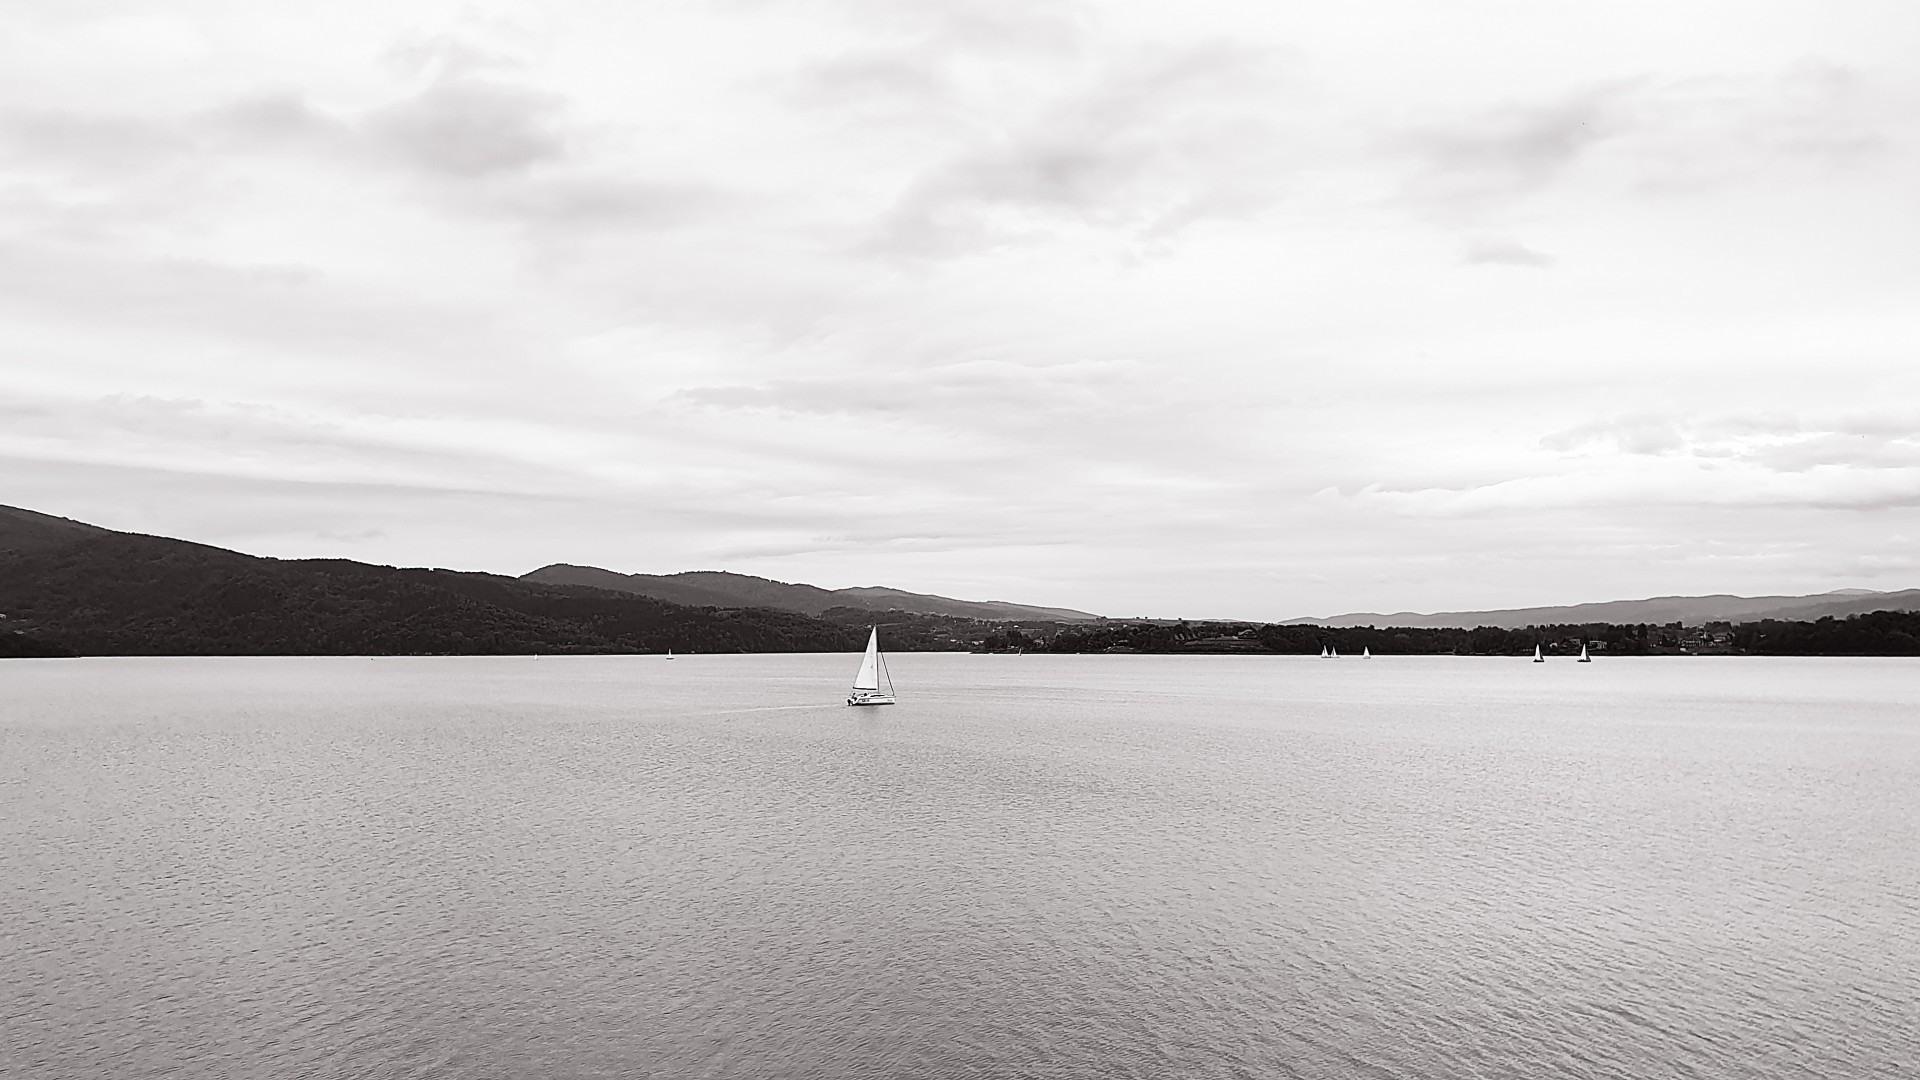 Calm and peace, czyli to co tygryski lubią najbardziej na Jeziorem Żywieckim, lokalna atrakcja domków nad jeziorem